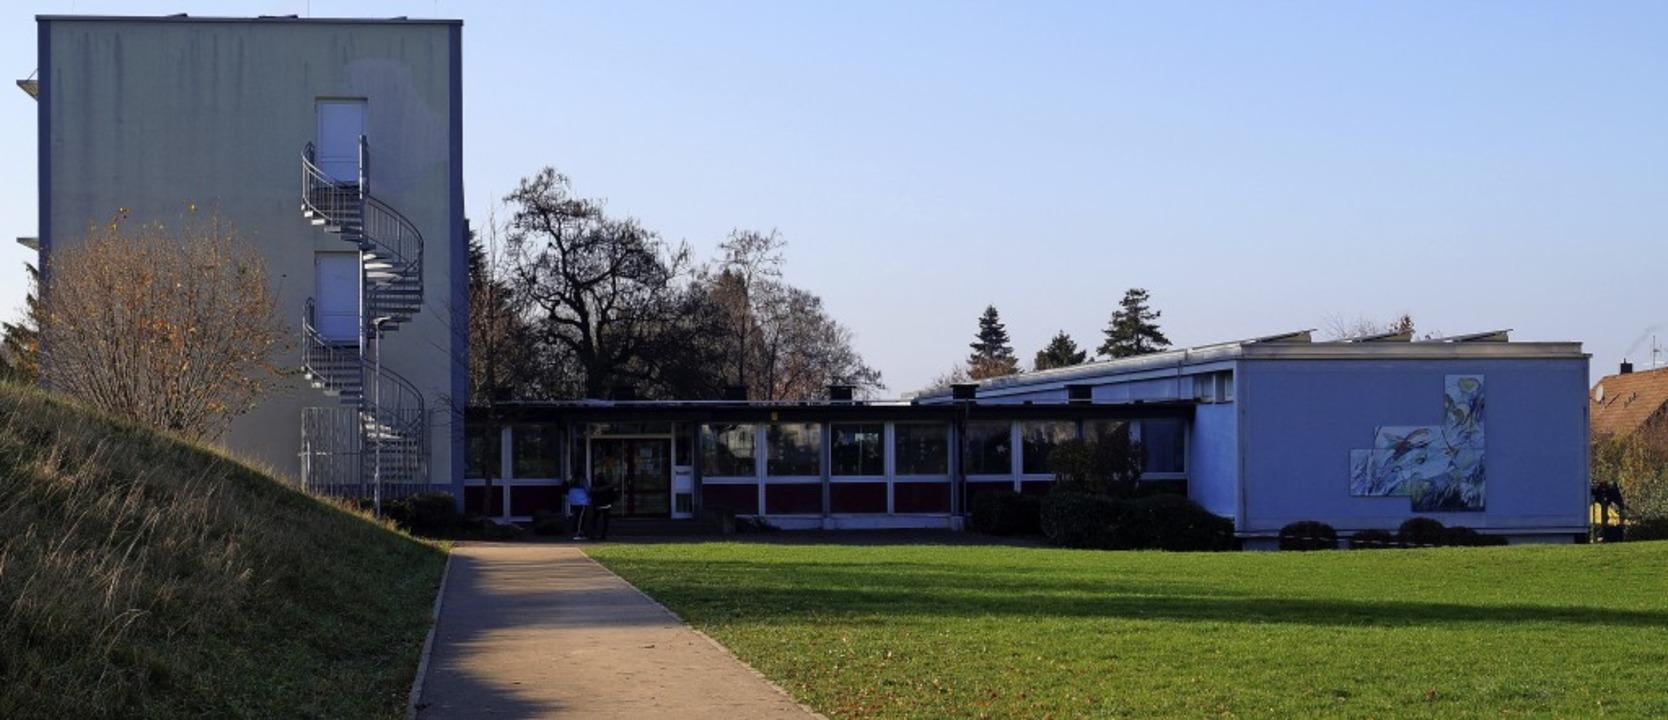 Die Grundschule in Badenweiler soll erweitert und saniert werden.  | Foto: Silke Hartenstein